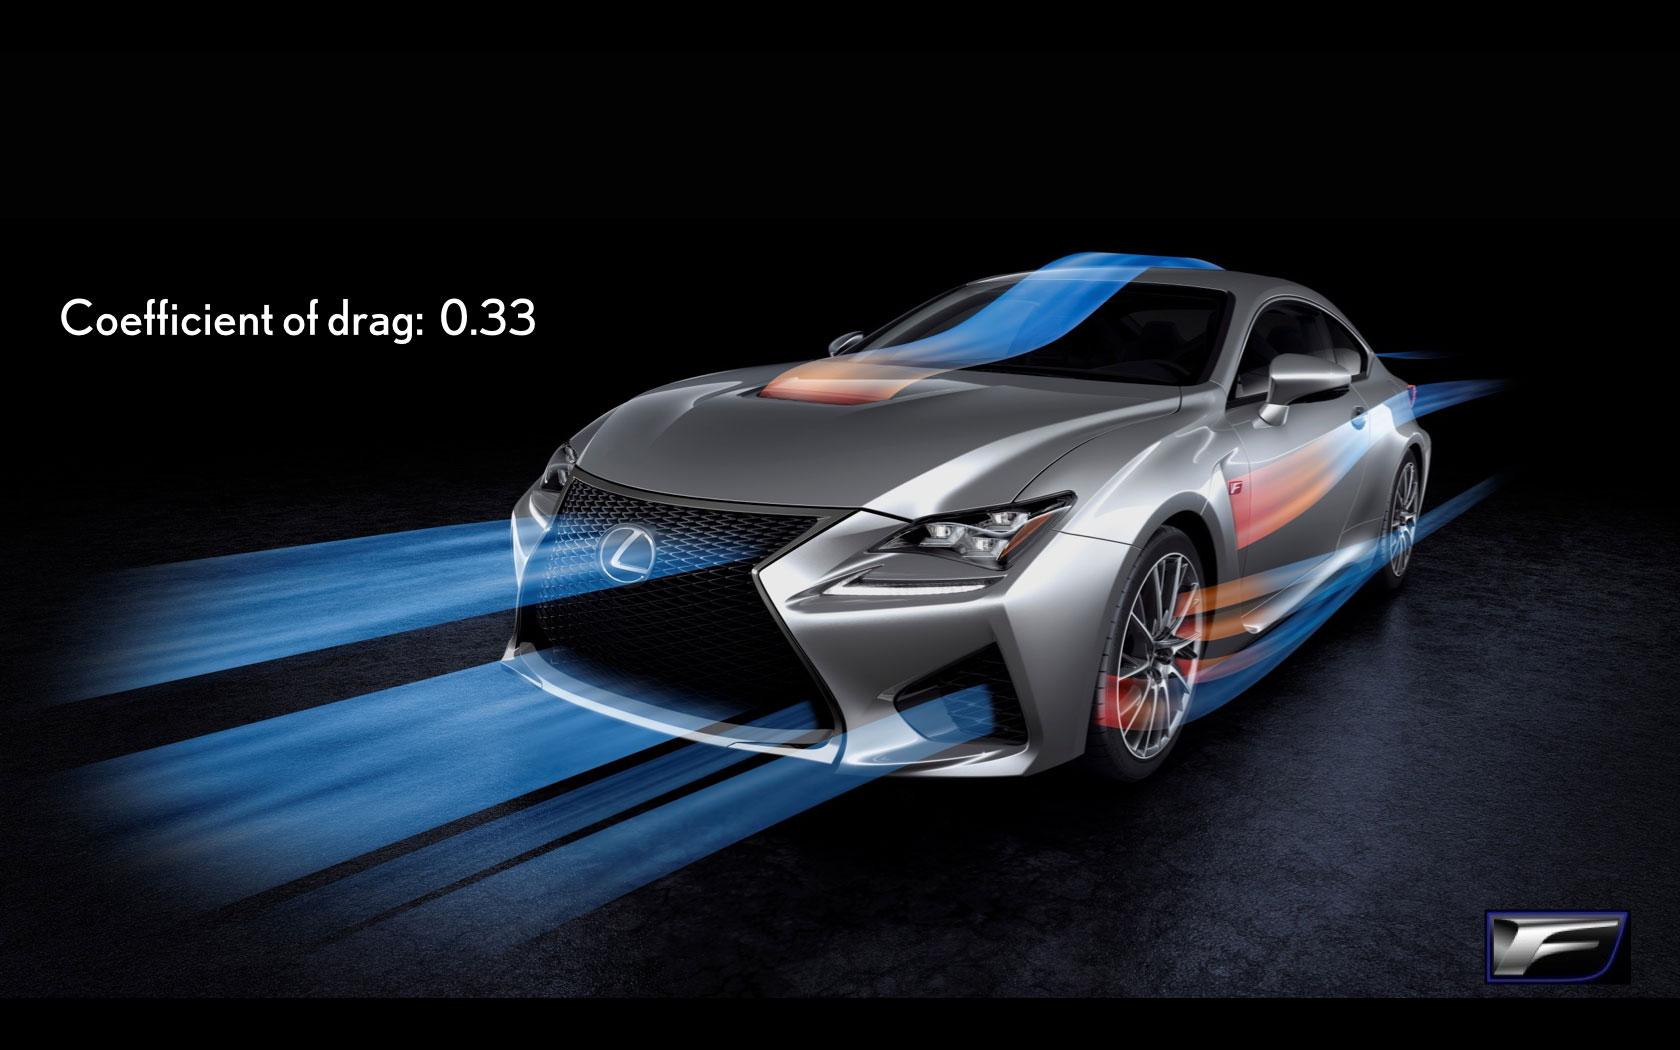 画像 : レクサス(Lexus) RC F 画像180 - NAVER まとめ Lexus Enthusiast